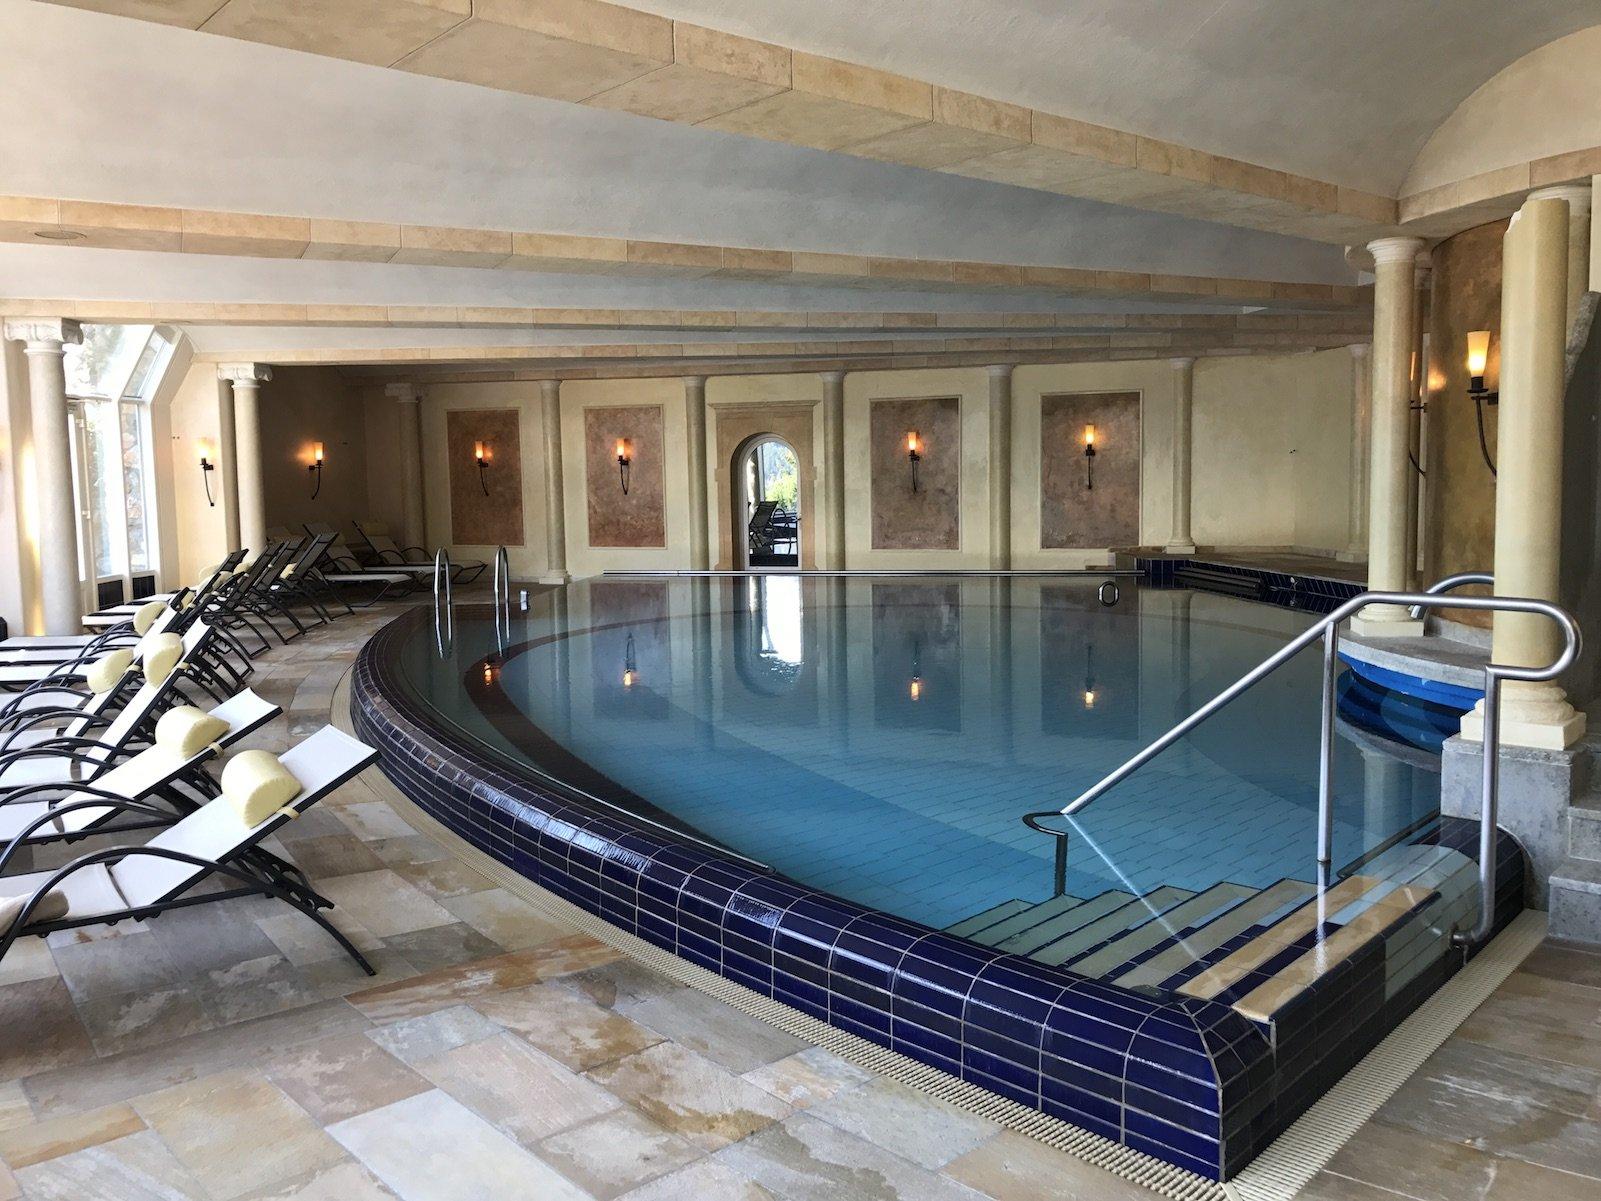 Lichtdurchflutetes Solebad im Wellnessbereich des Waldhotels Davos